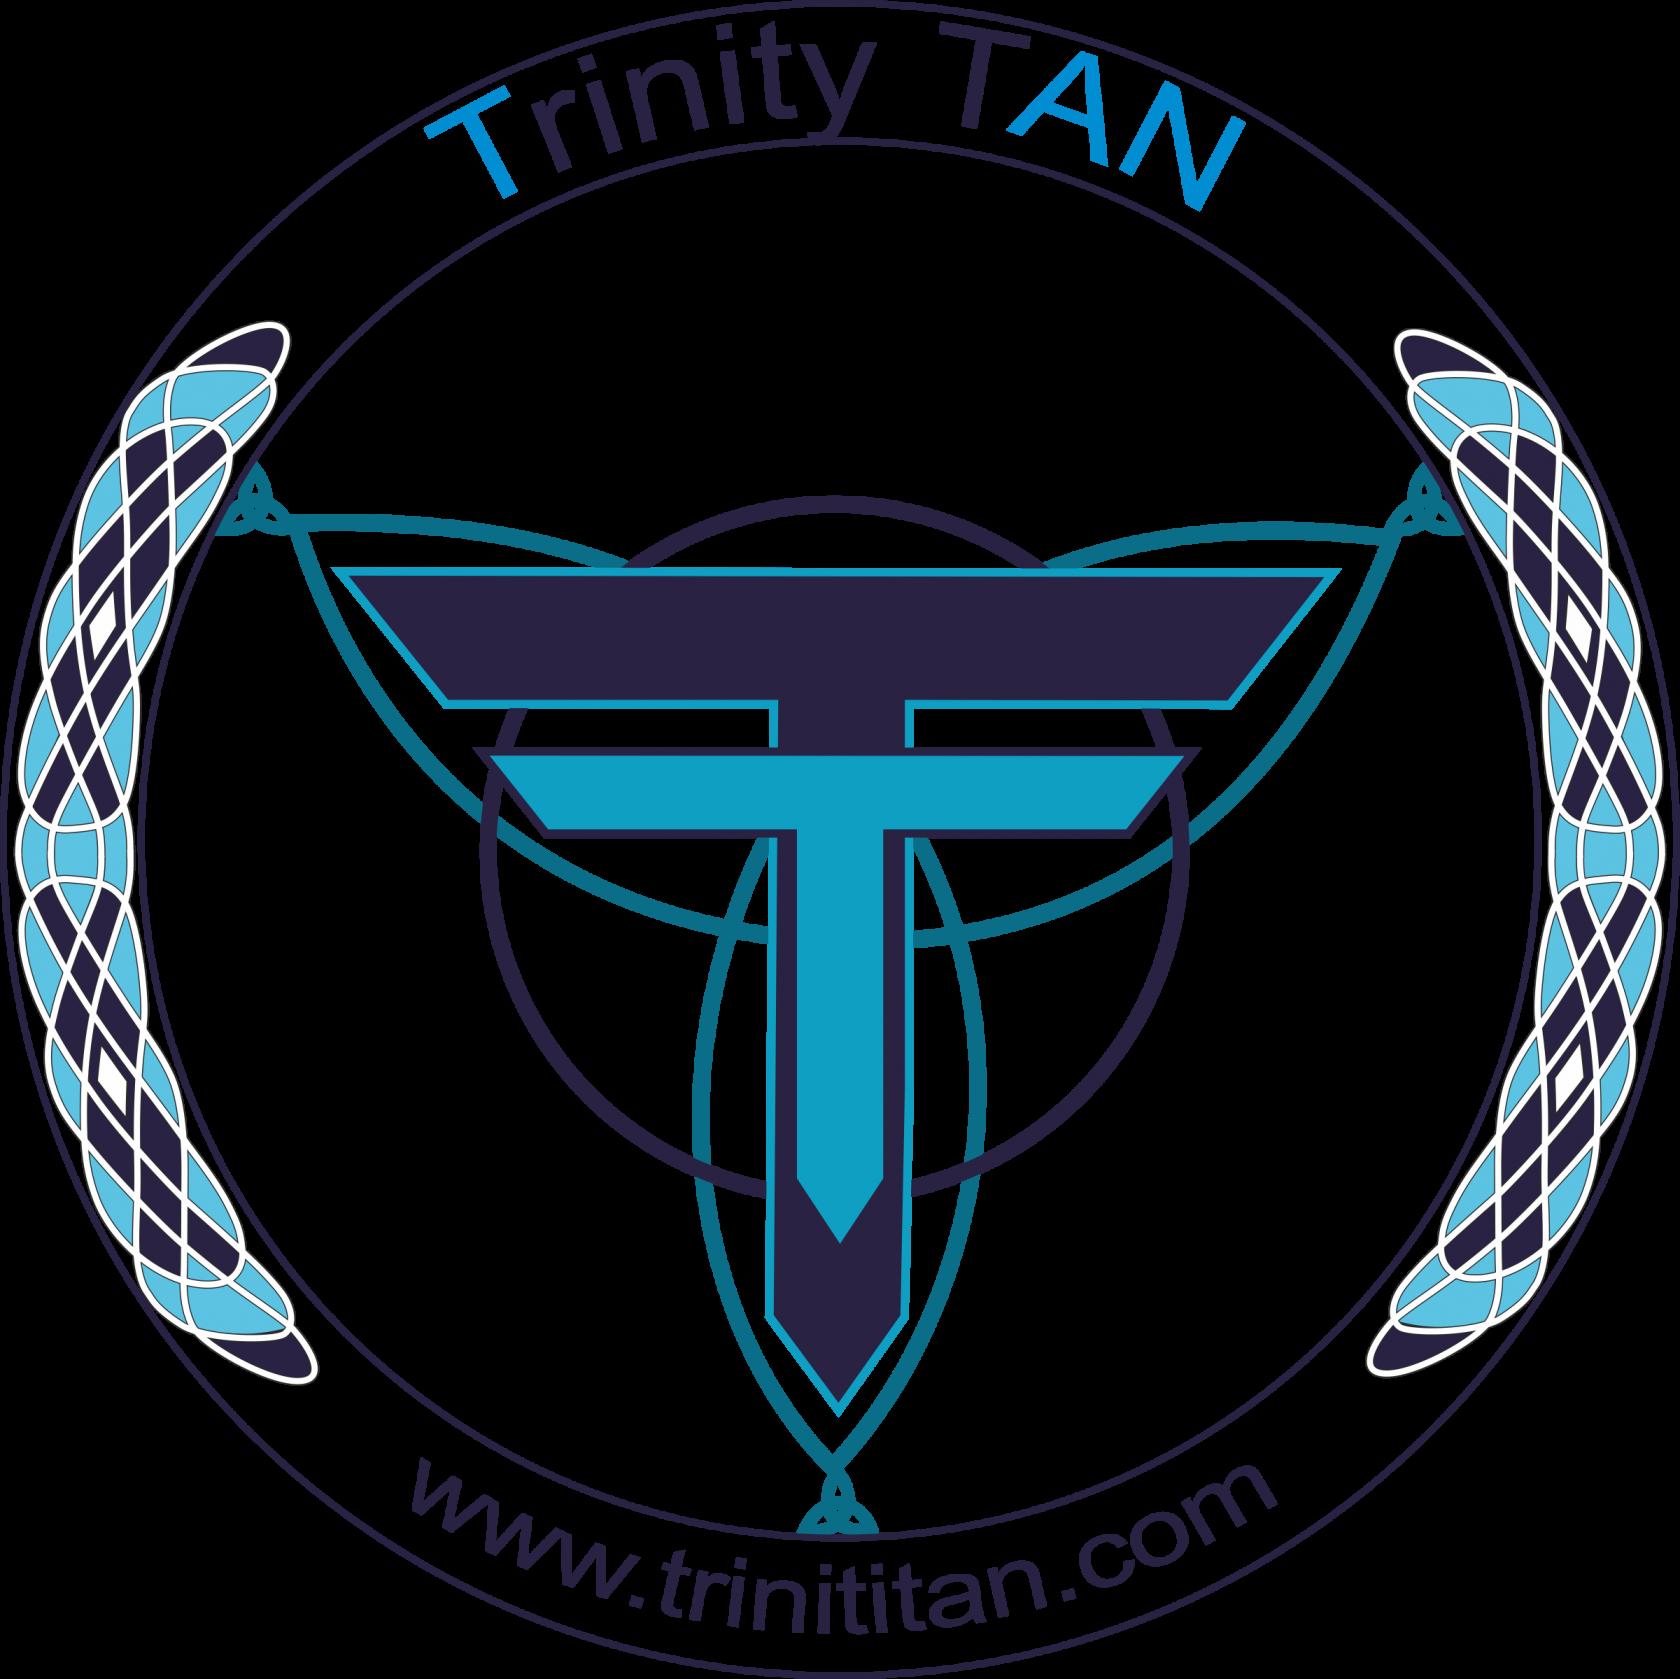 ТриНити ТАН